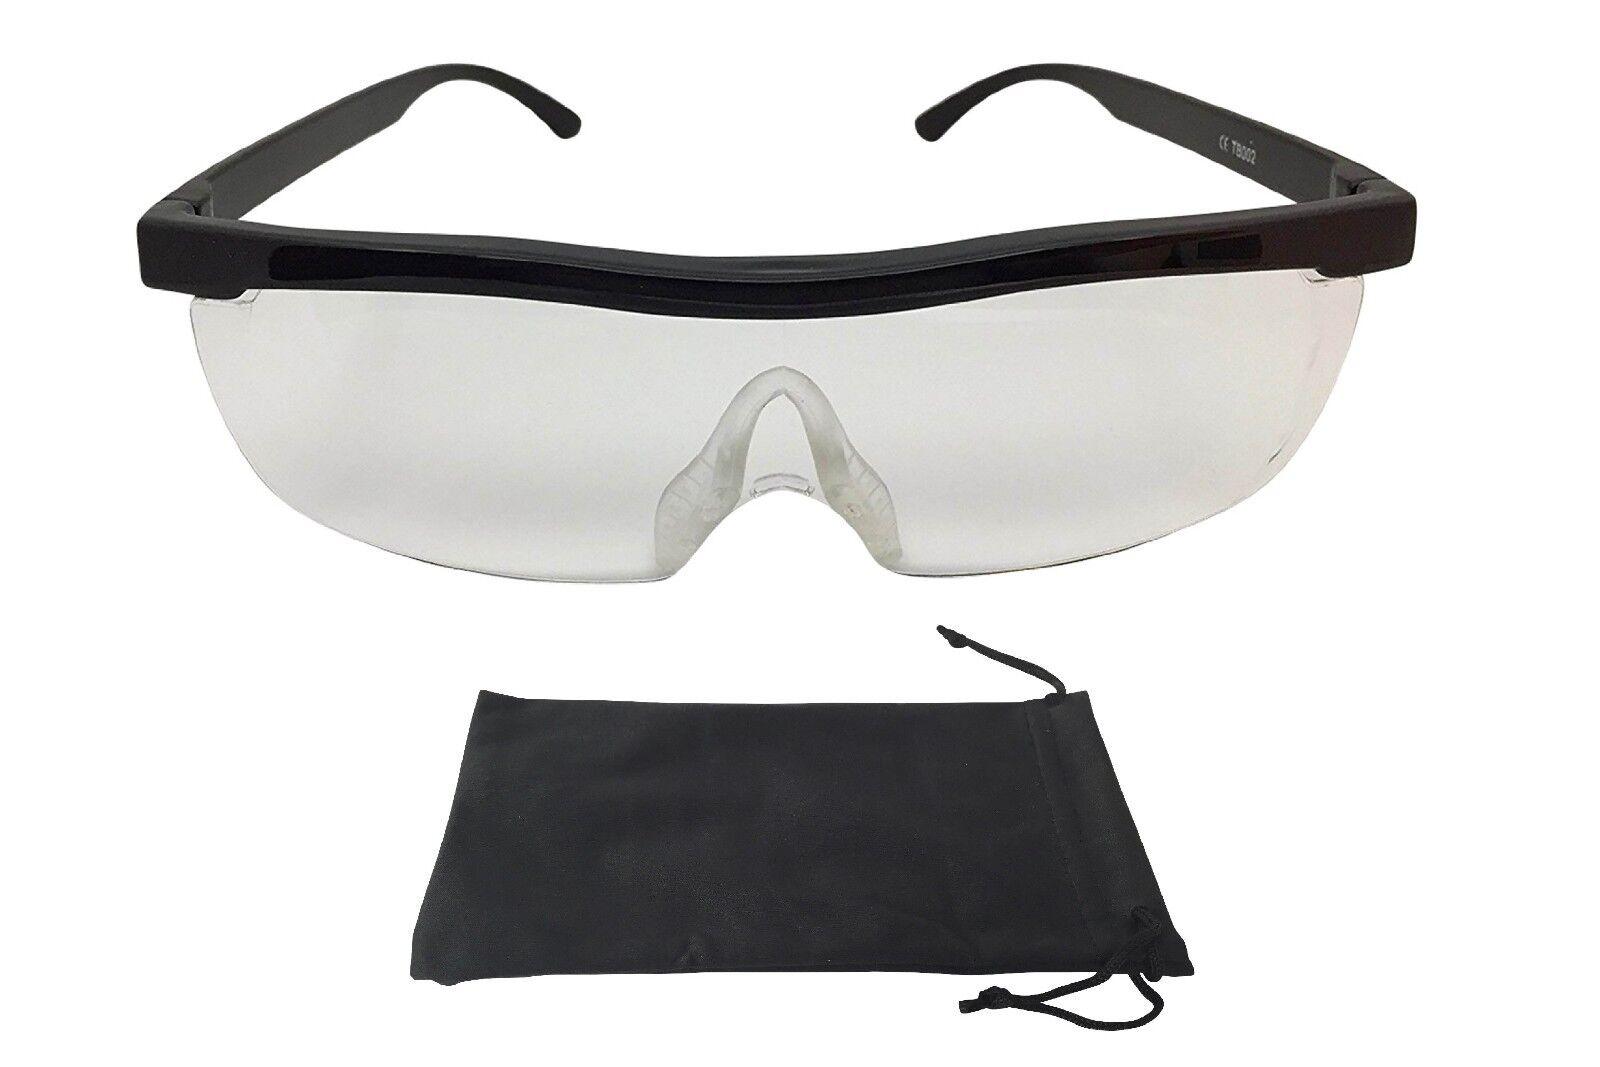 Vergrößerungsbrille Lupenbrille Zauberbrille Lupe auf der Nase 200% Vergrößerung